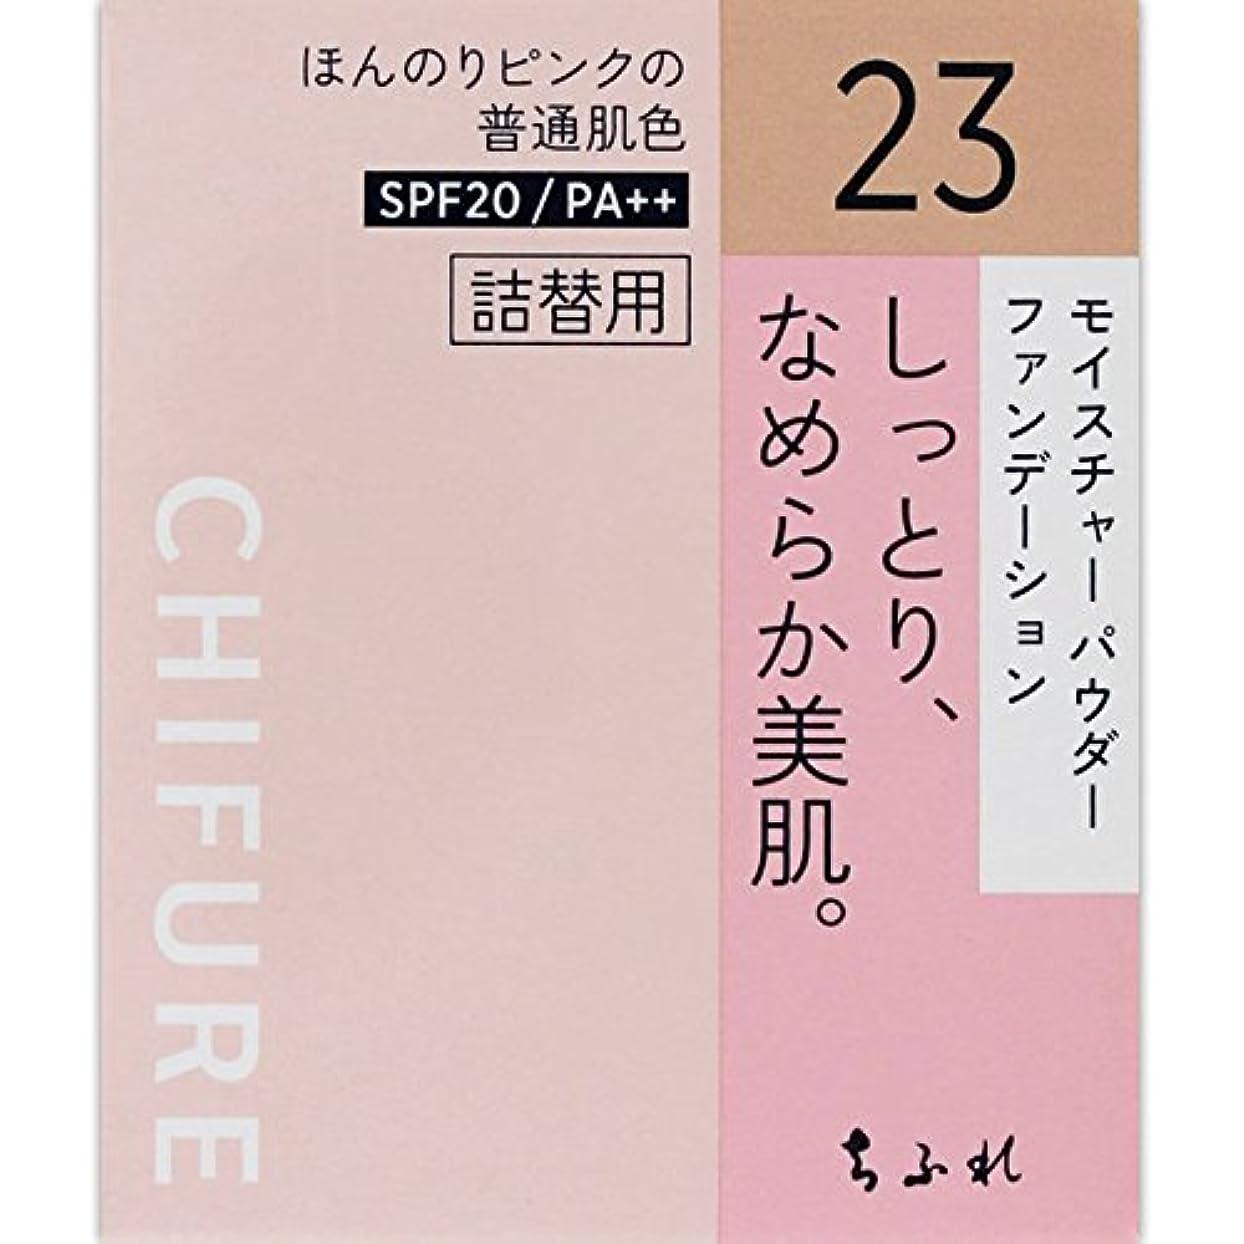 ポーズ教える毒性ちふれ化粧品 モイスチャー パウダーファンデーション 詰替用 ピンクオークル系 MパウダーFD詰替用23